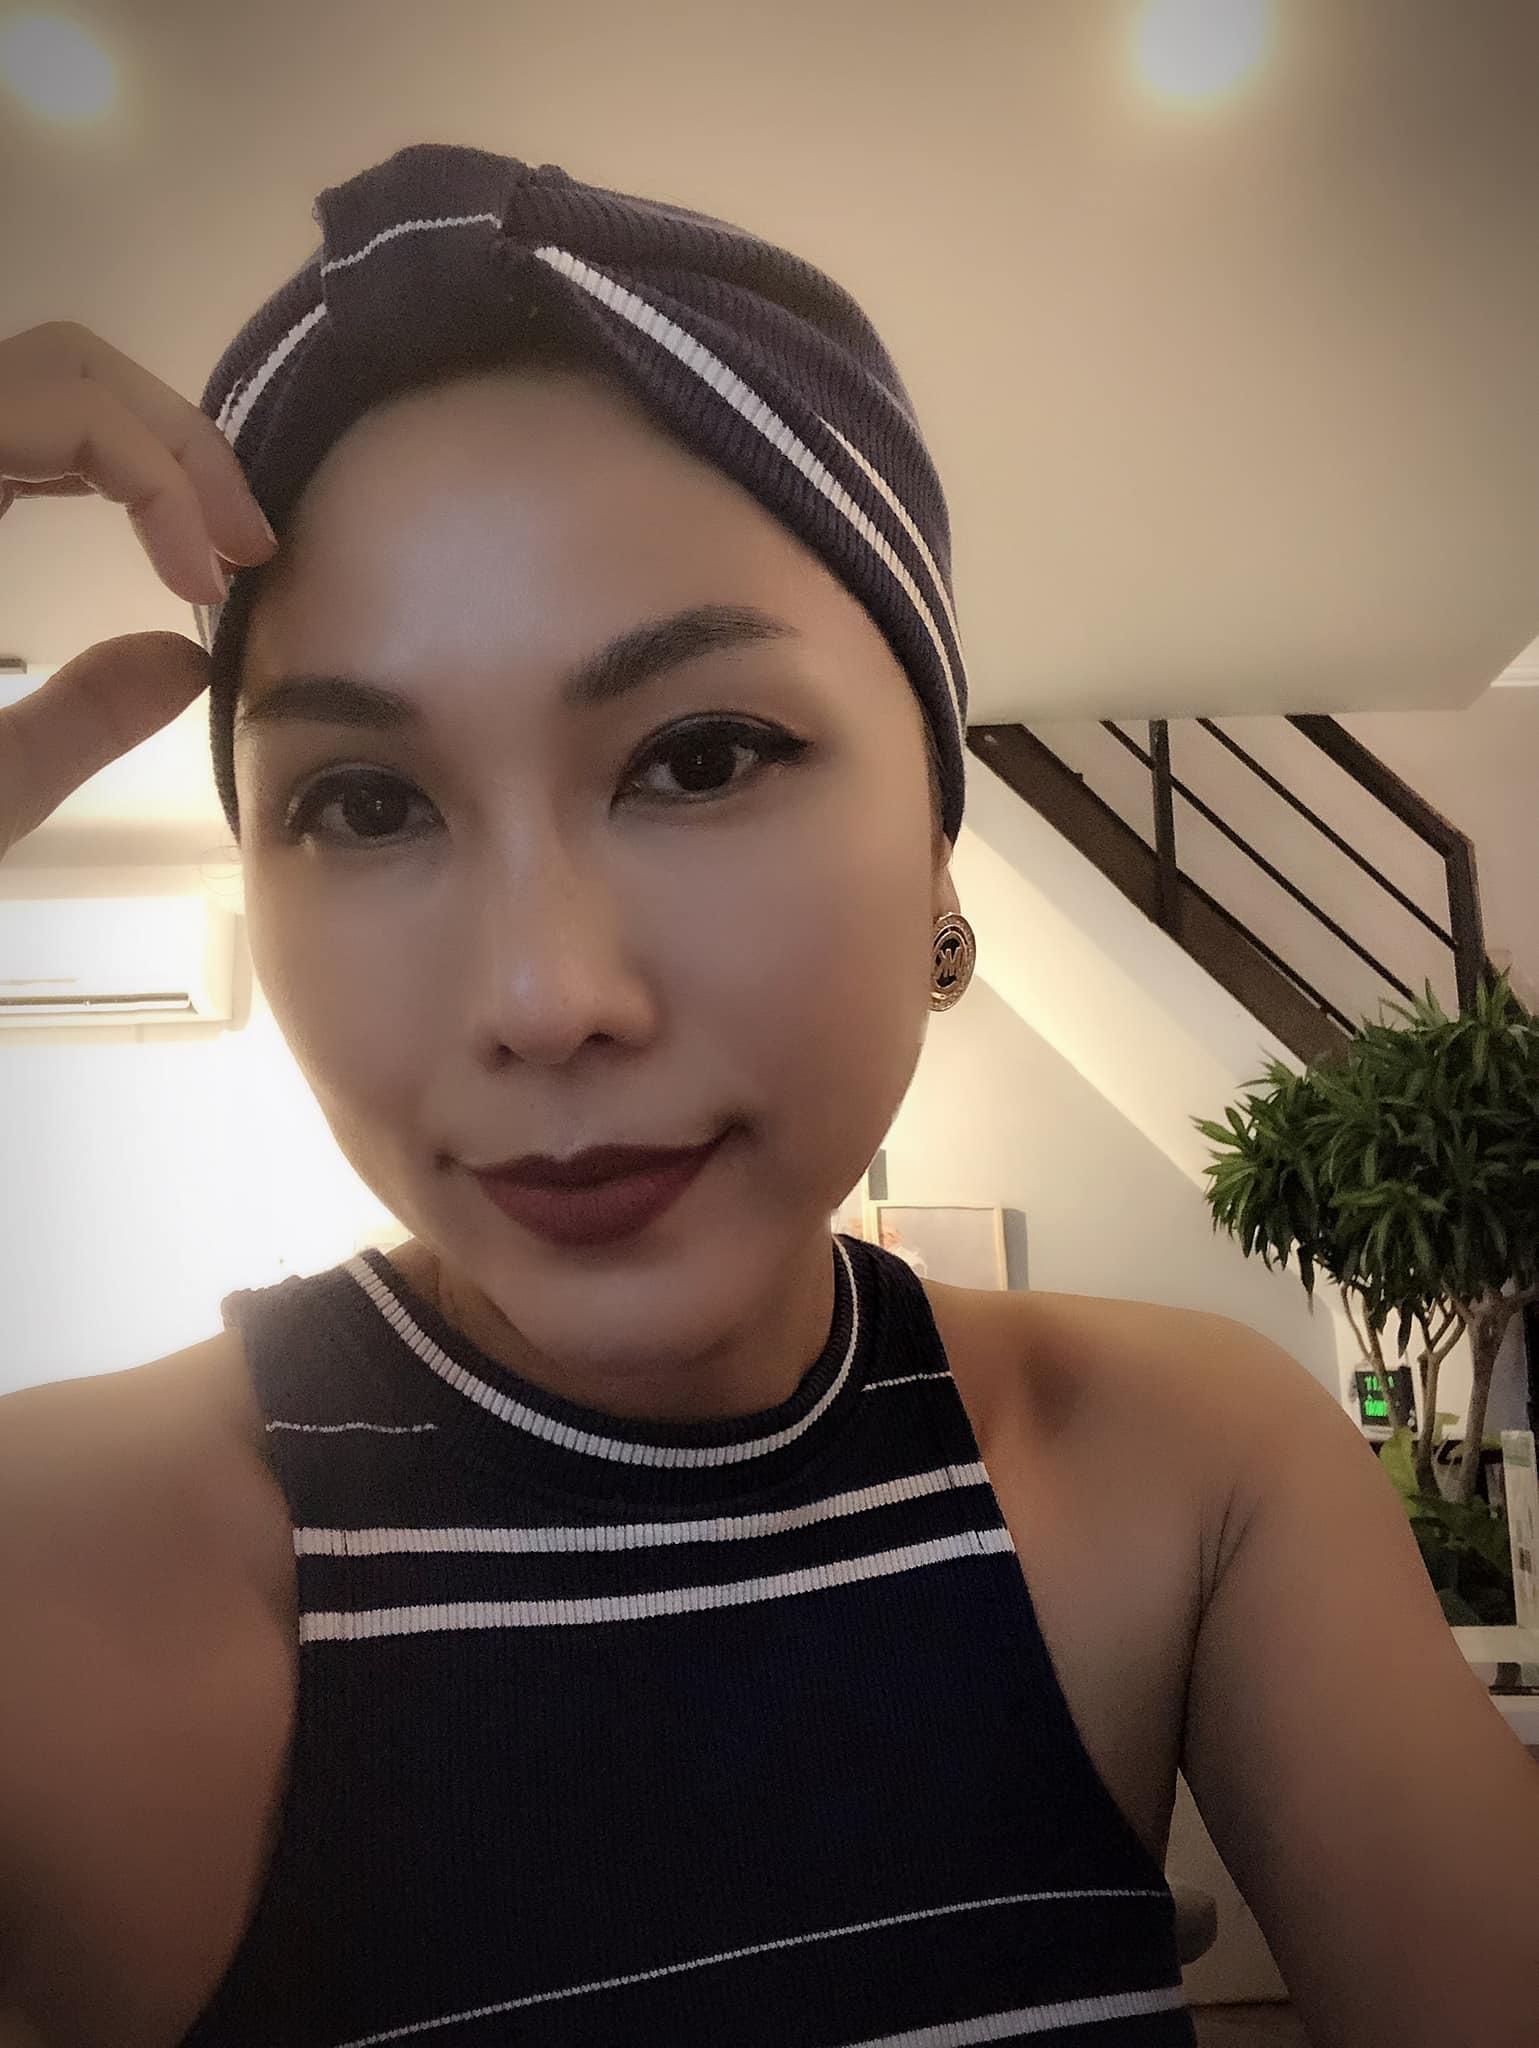 Khánh Ngọc thú nhận thất nghiệp 4 tháng, nhờ chồng nuôi.